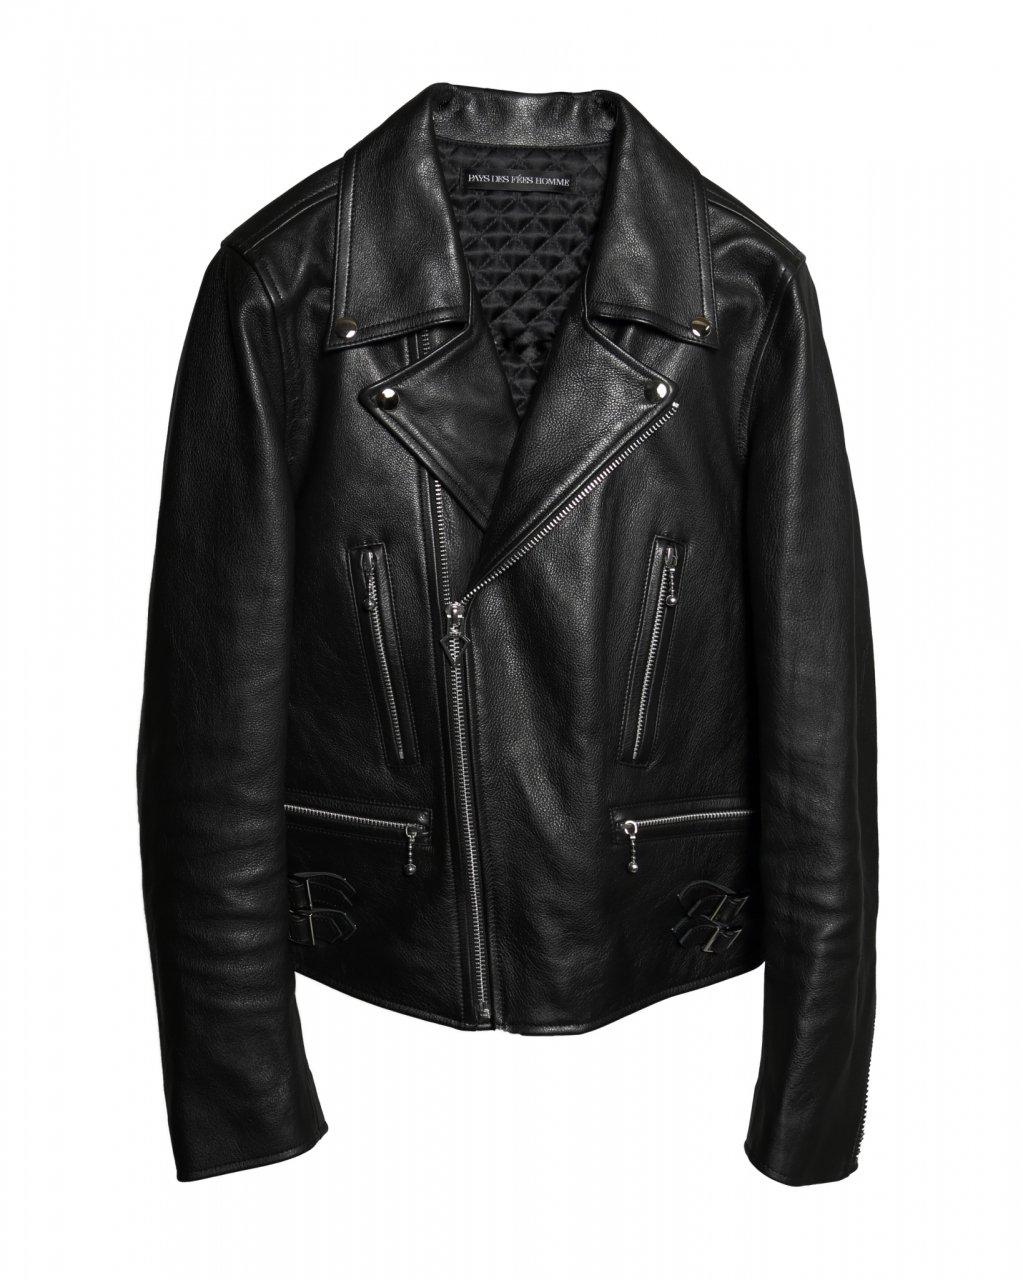 [ご予約]2021 Leather Bikers JKT [10月お届け]